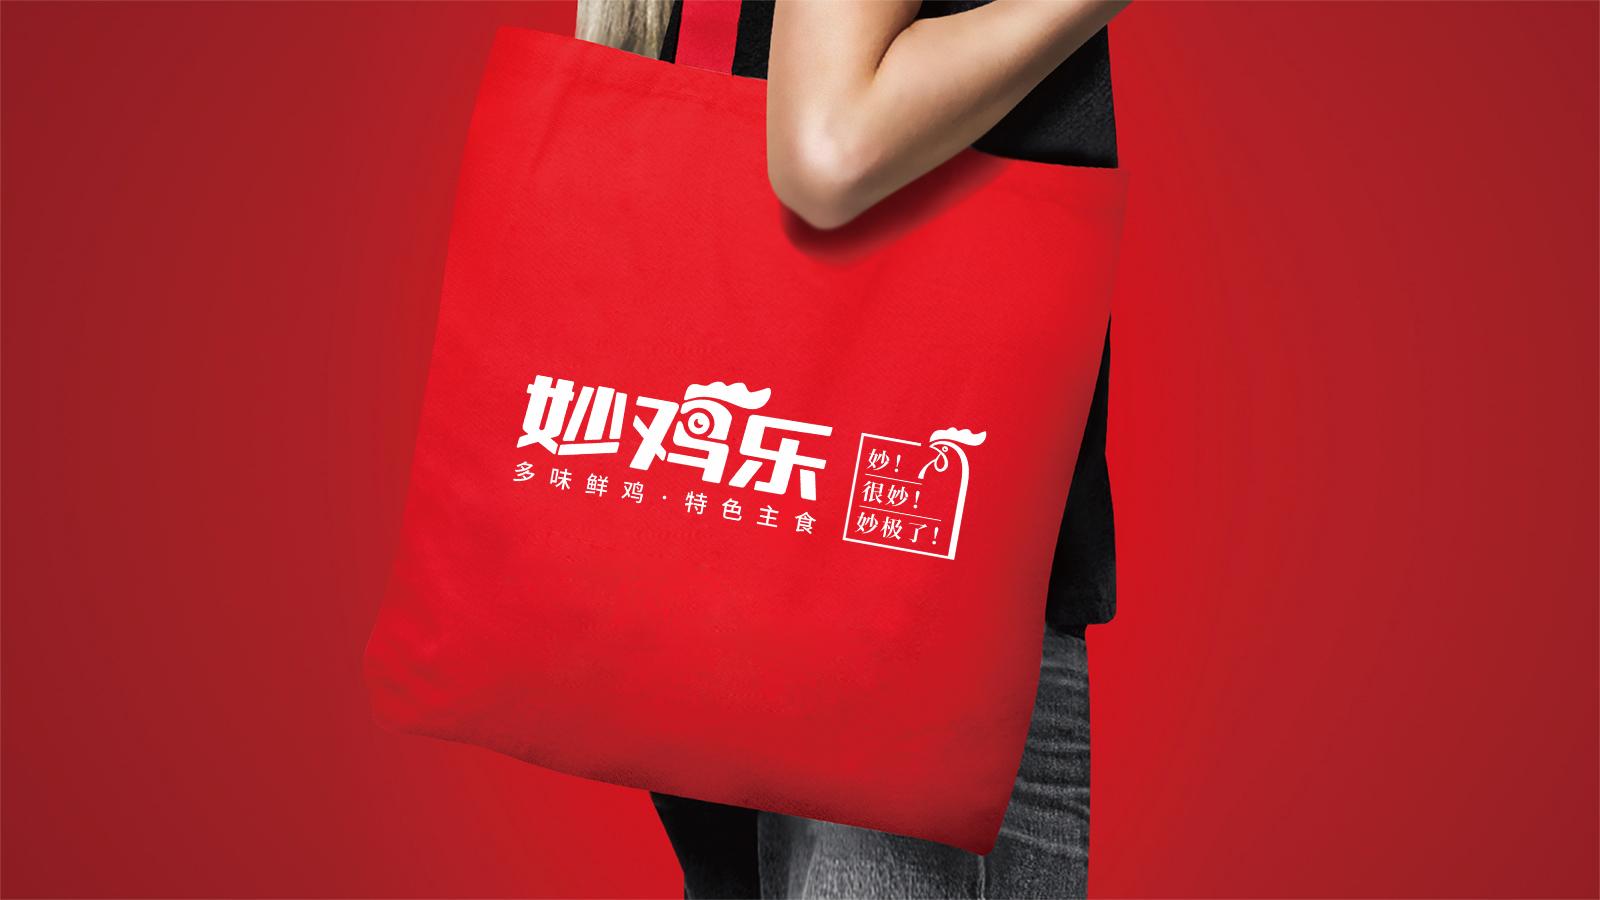 武汉餐饮美食品牌营销策划设计